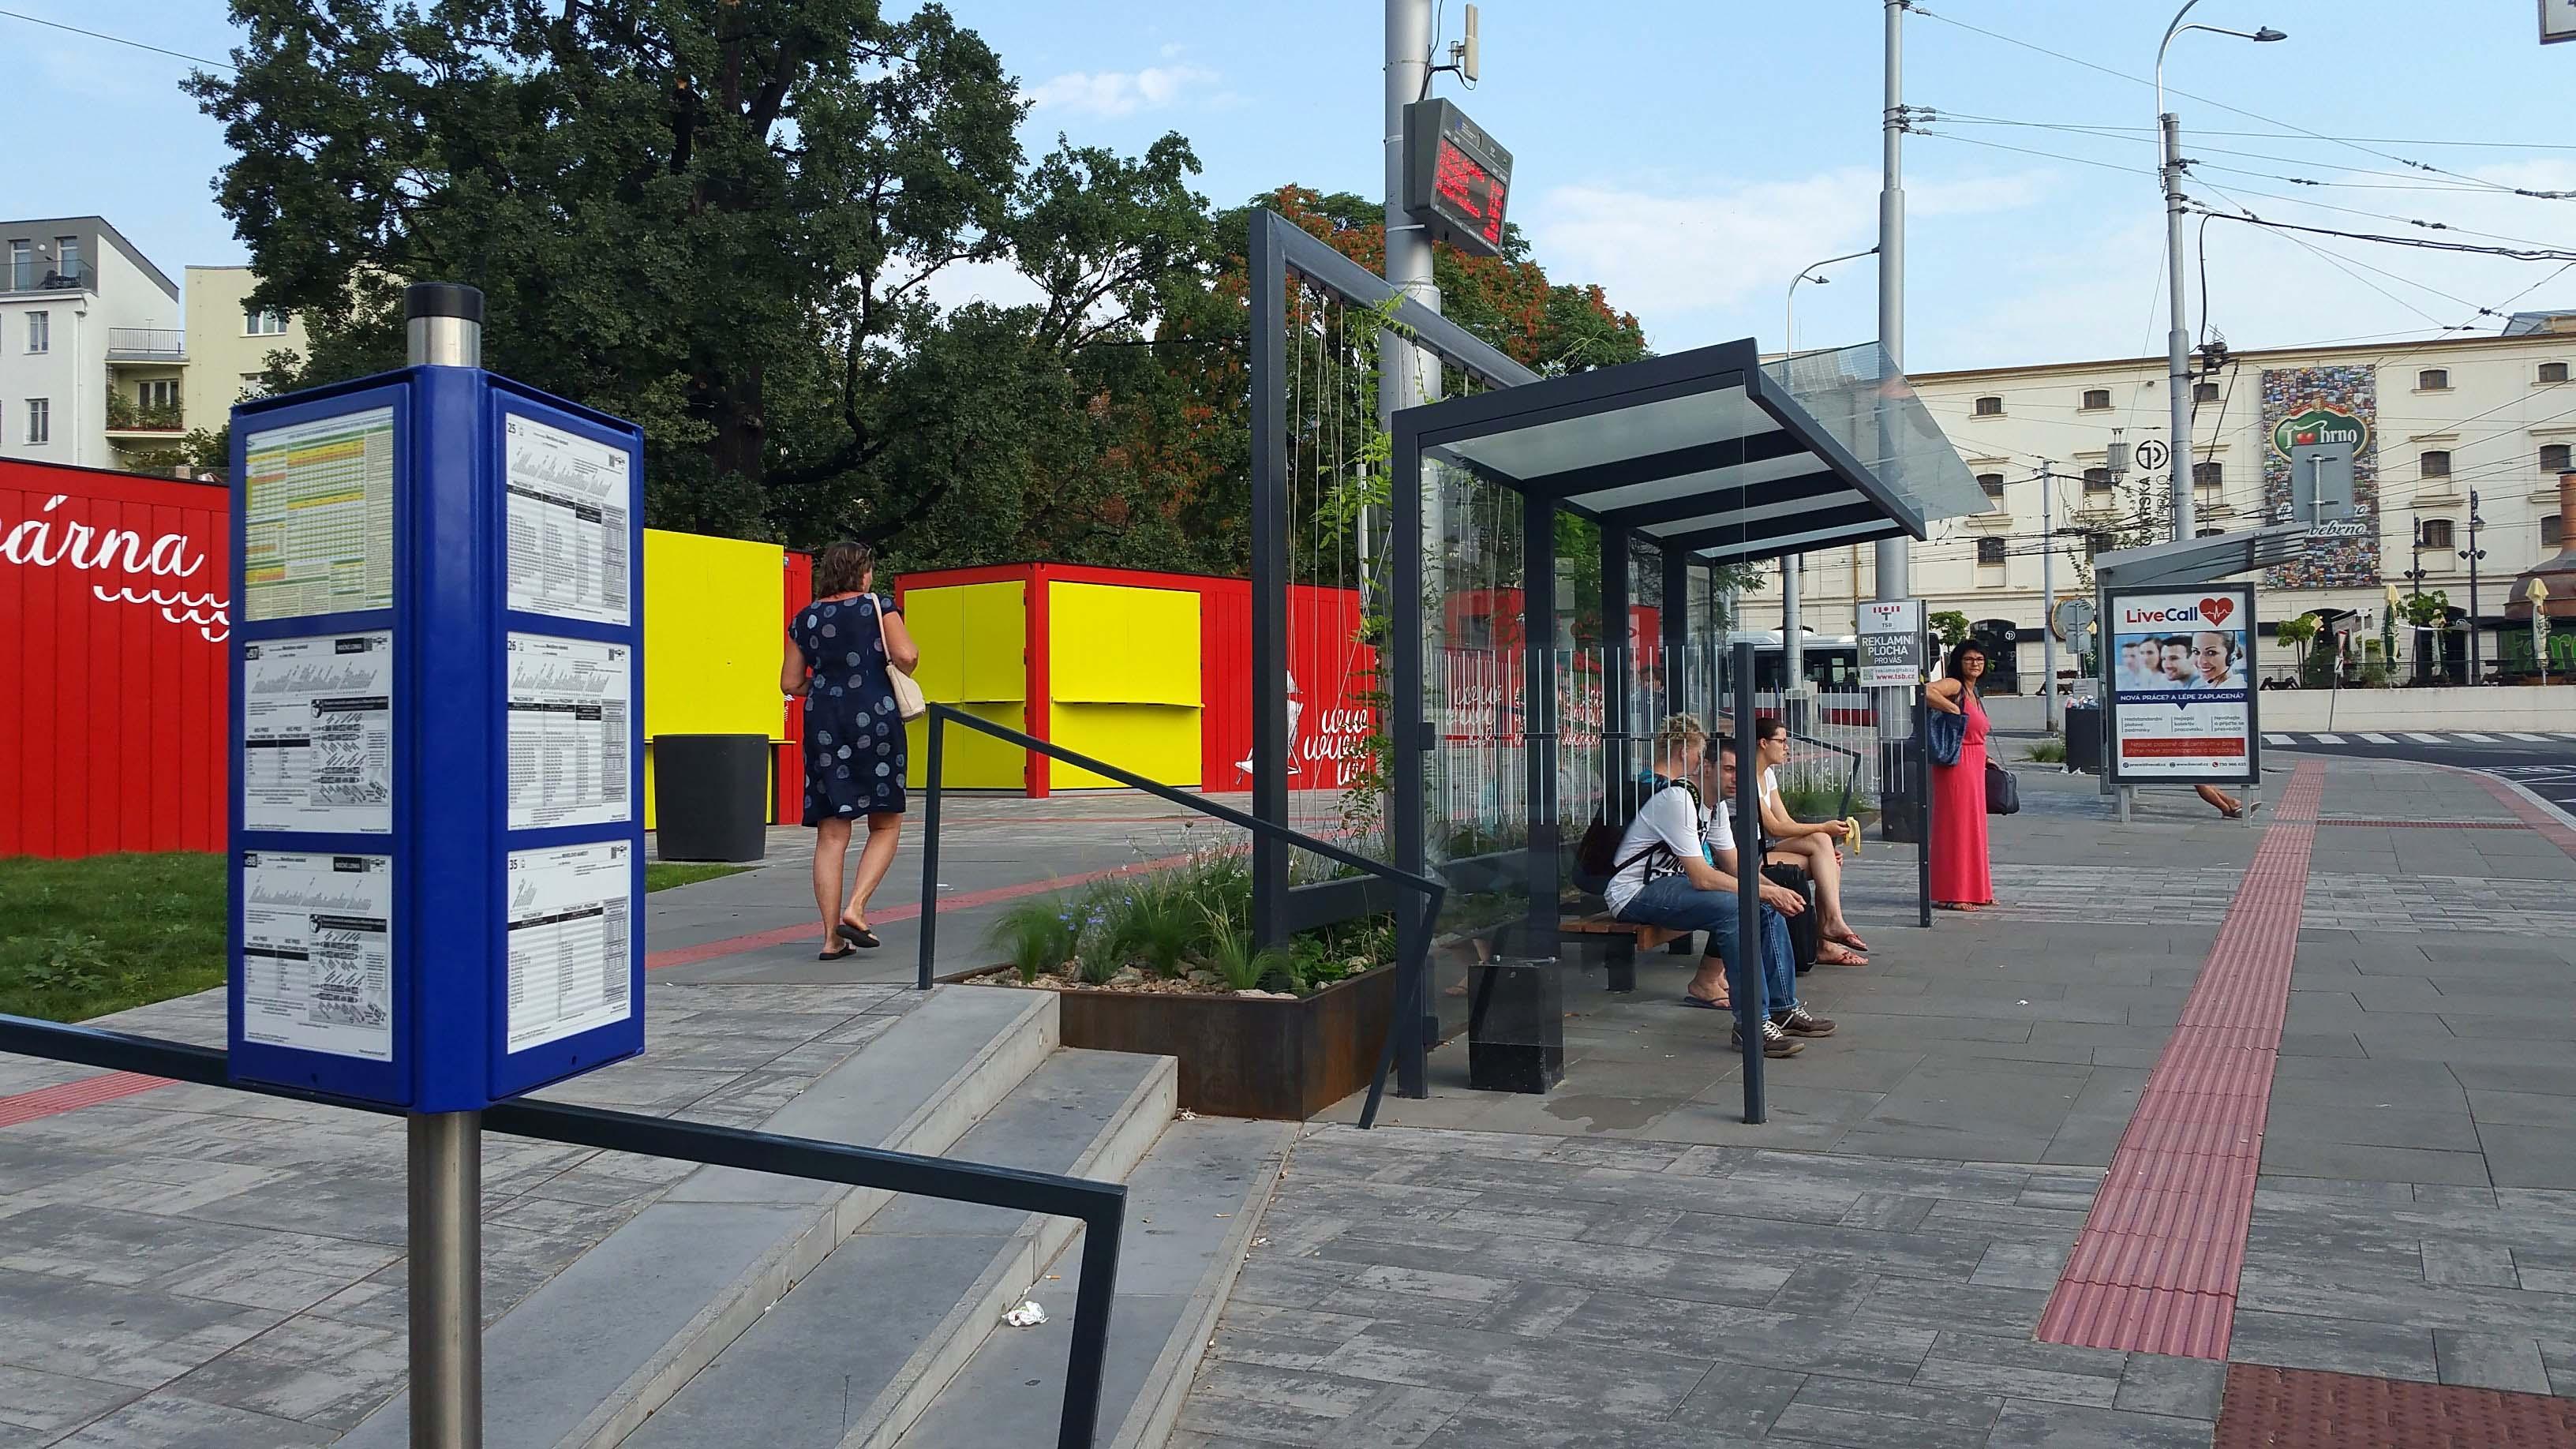 Mendlovo náměstí a rekonstrukce zastávky trolejbusů a autobusů.